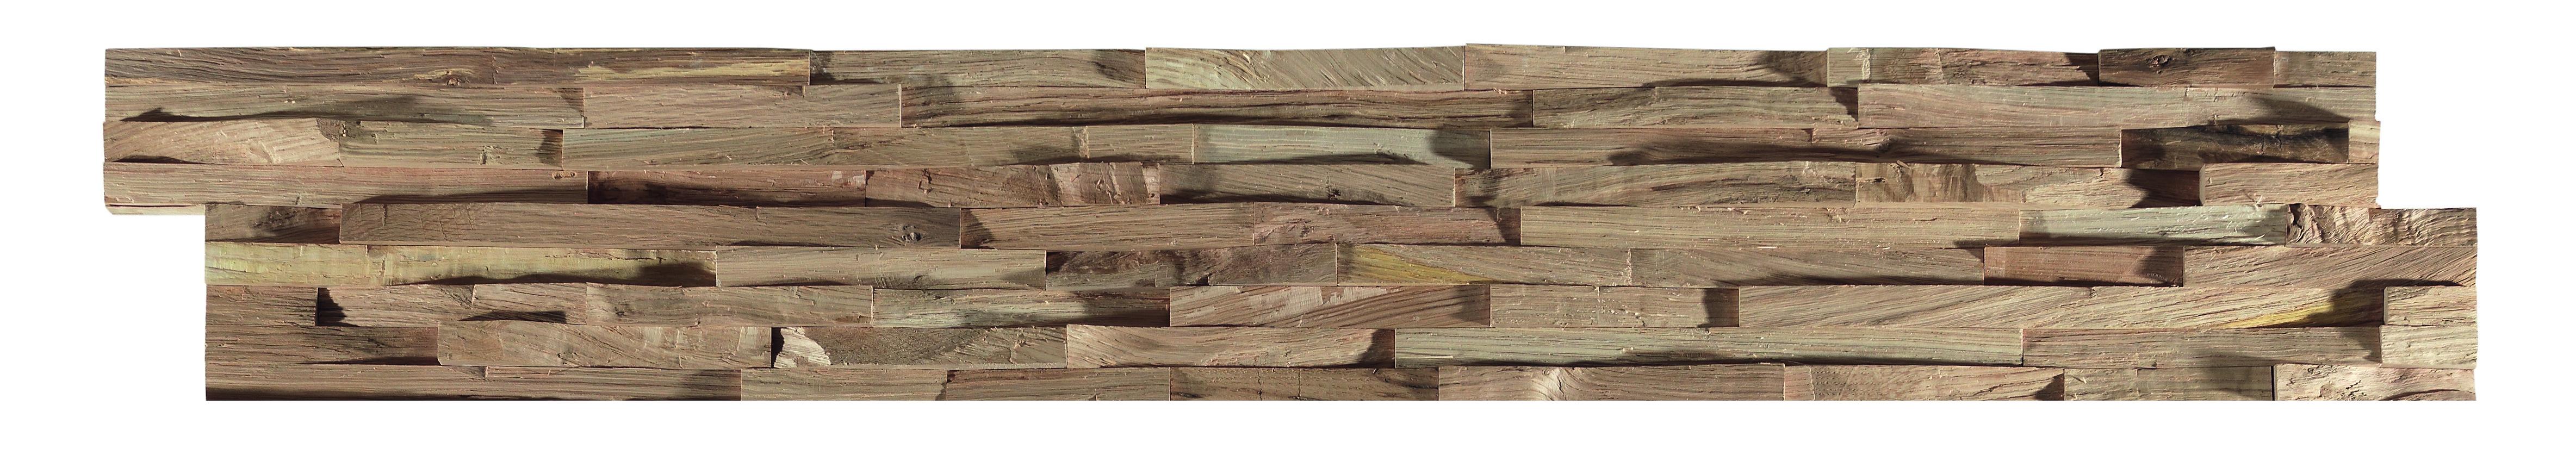 Panneau mural d coratif oslo en bois naturel de ch ne - Panneau mural decoratif isolant ...